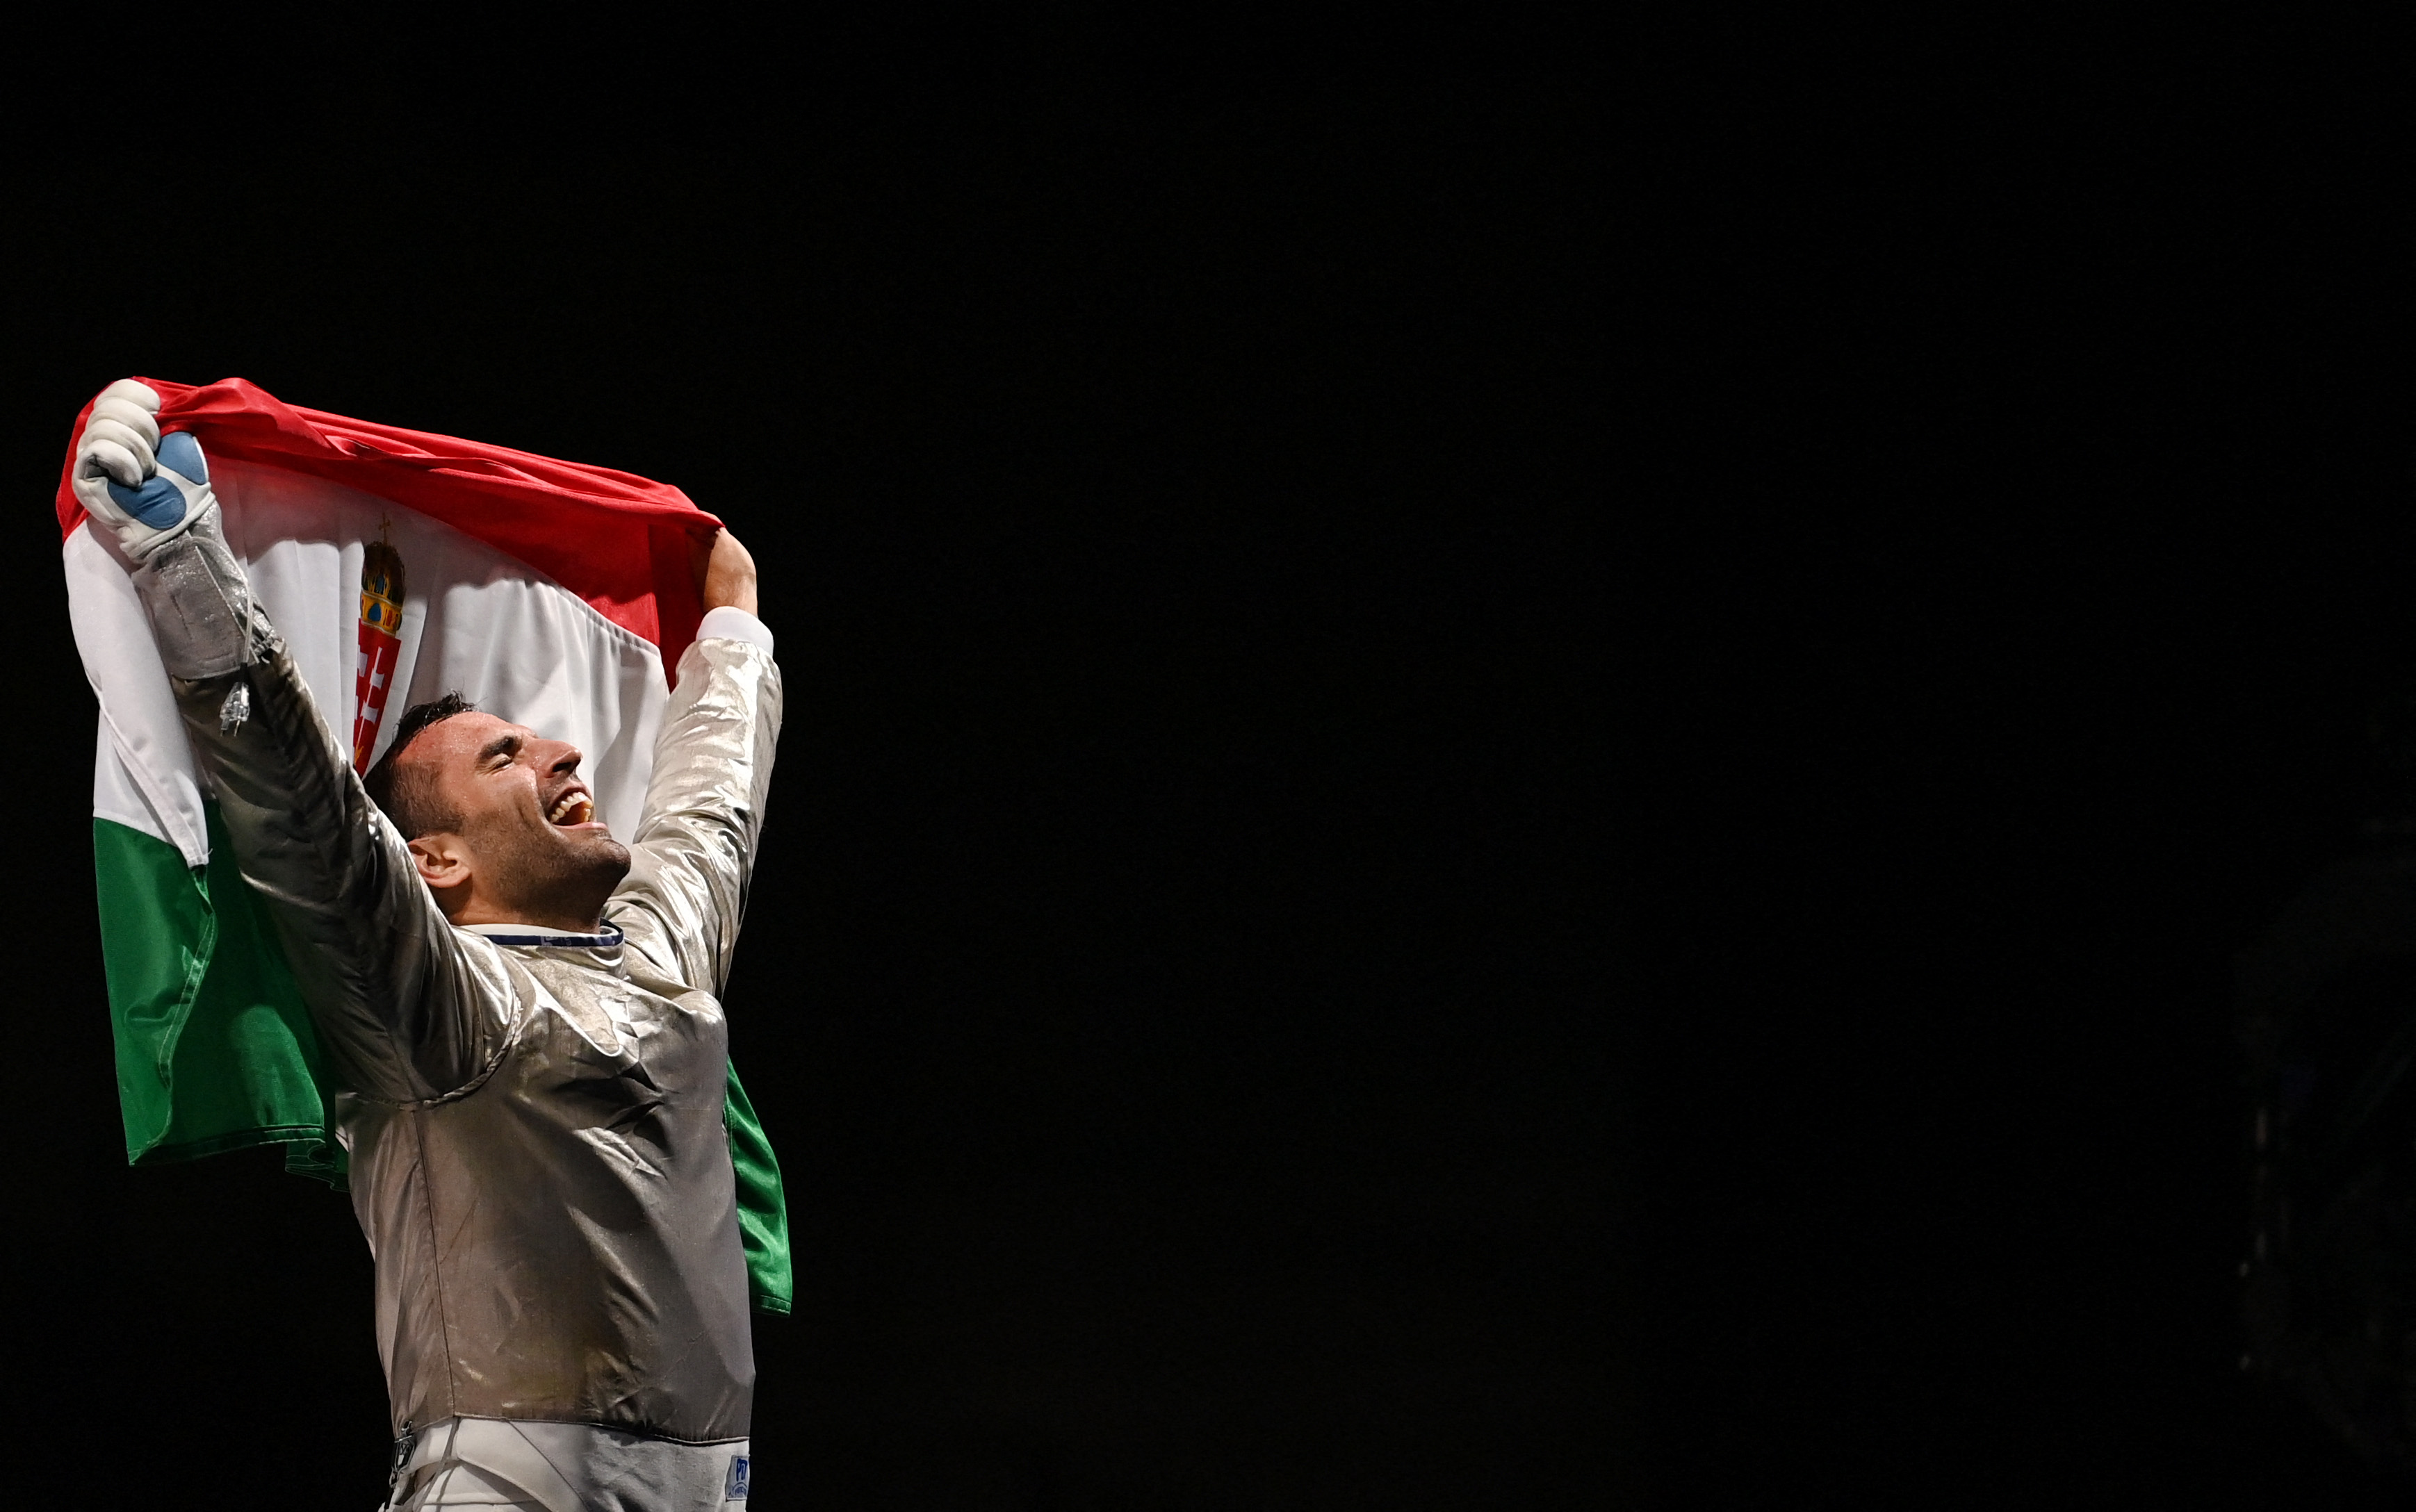 Olimpia más szemmel: mégis bekerültünk a top 10-be, San Marino pedig a legjobb